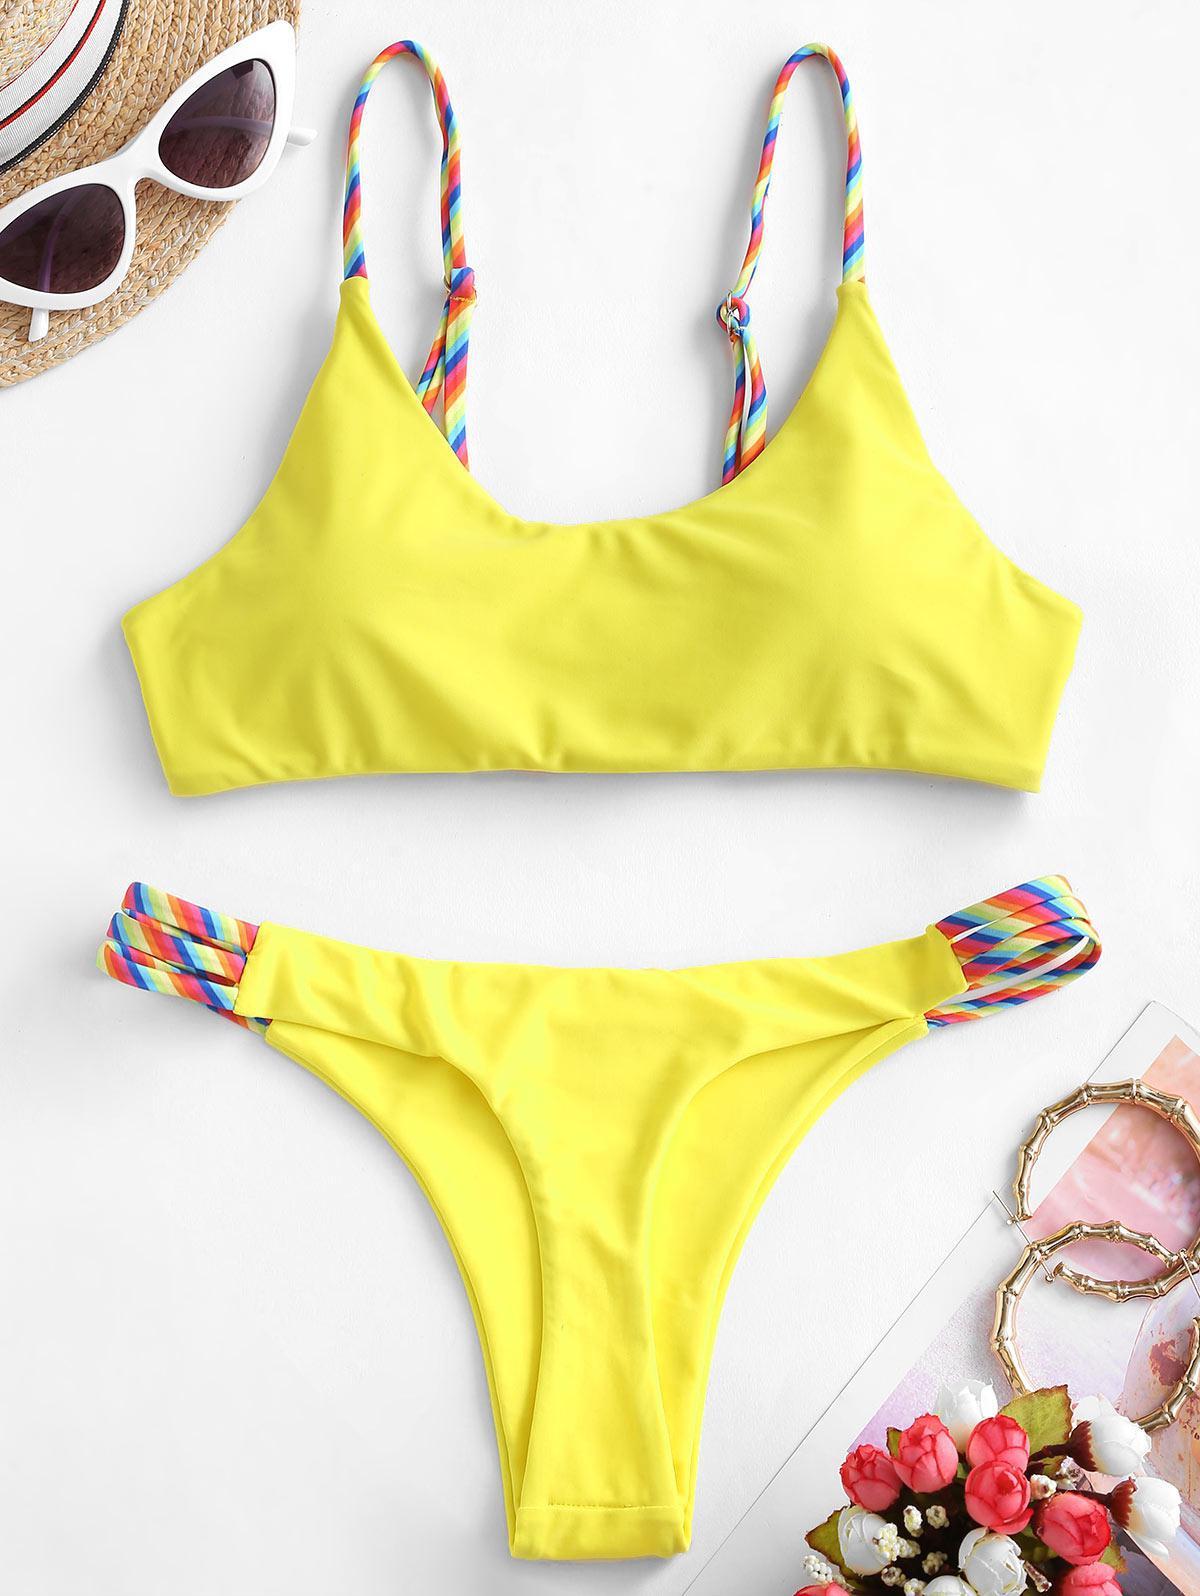 ZAFUL Rainbow Ladder Cut High Leg Bikini Swimwear thumbnail